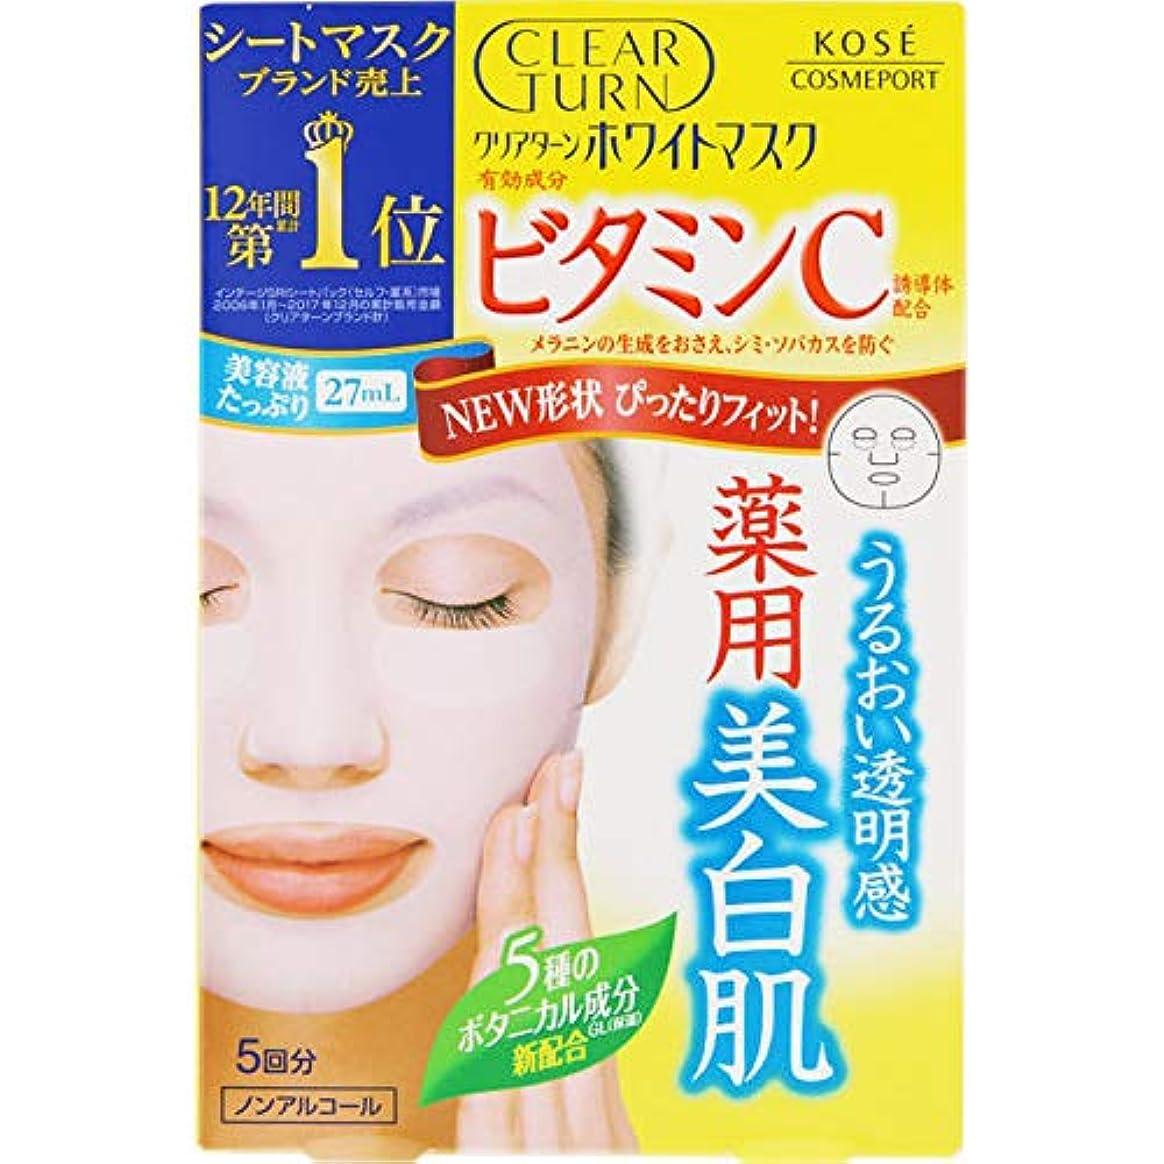 マークされたサイト黒コーセー クリアターン ホワイト マスク (ビタミンC) 5回分